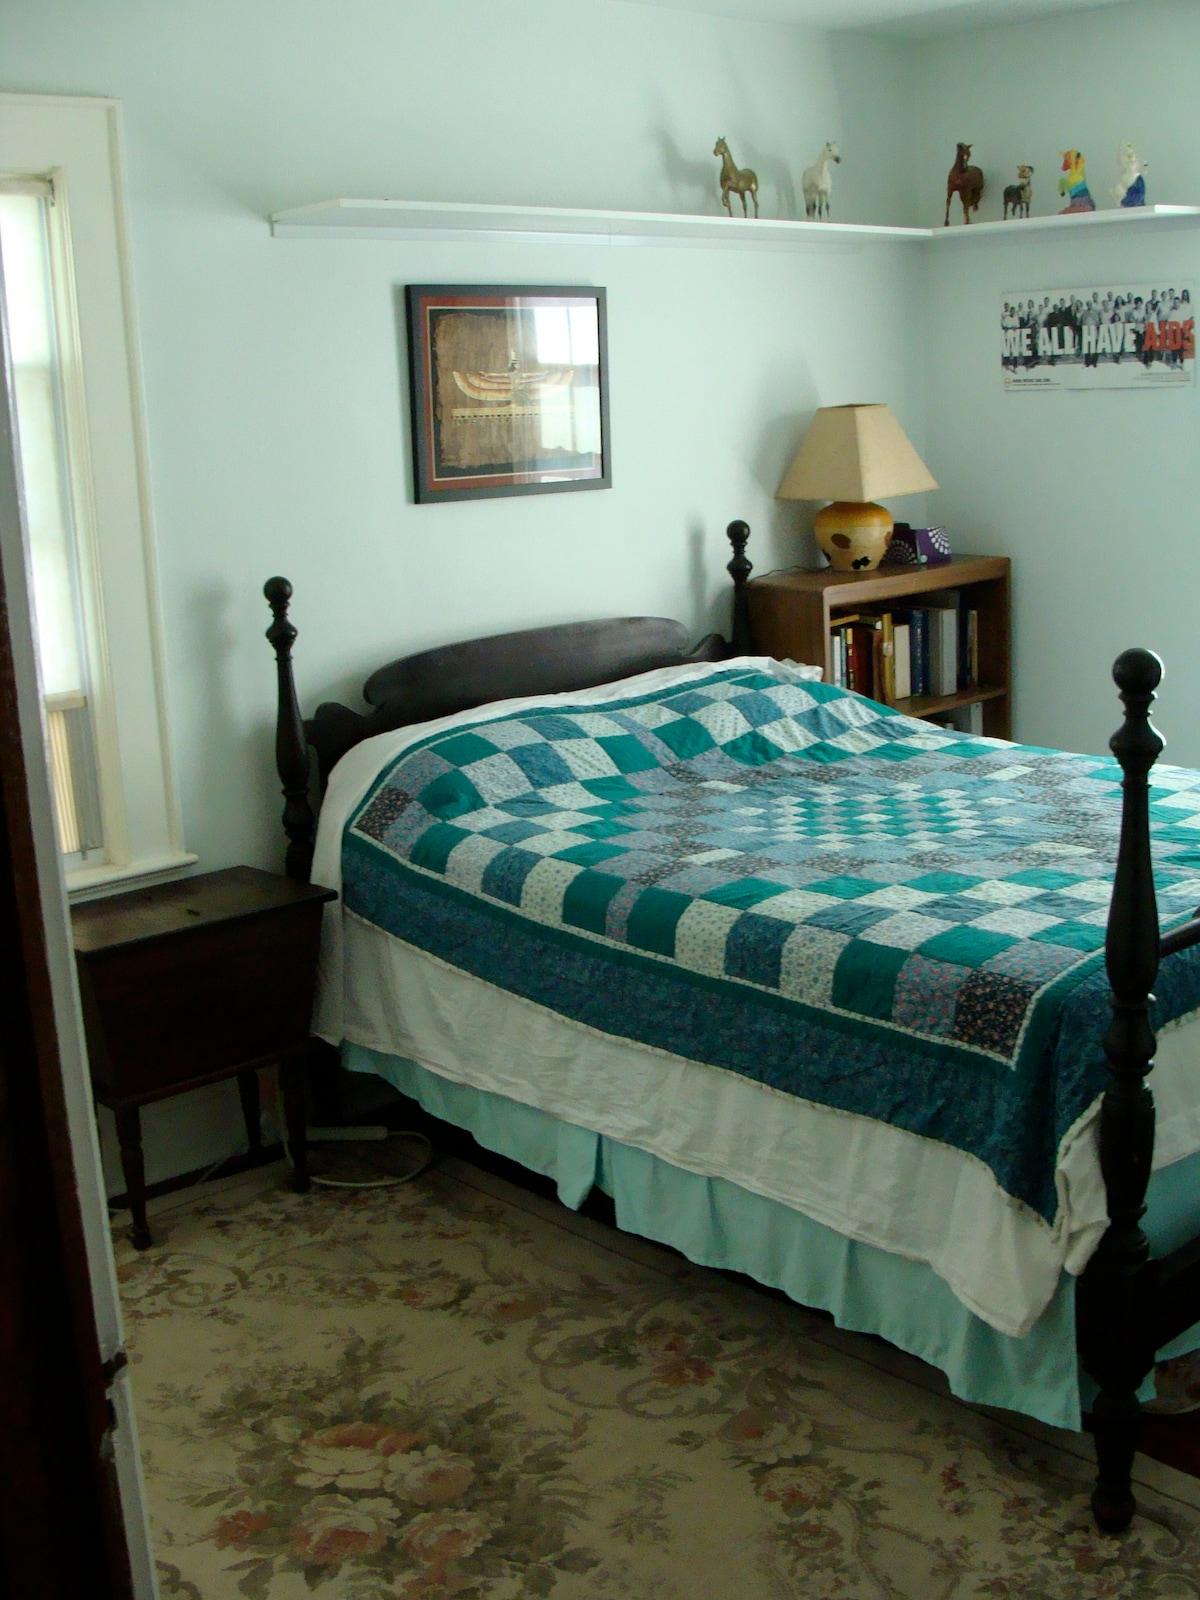 Sunny, cozy room in NJ family home